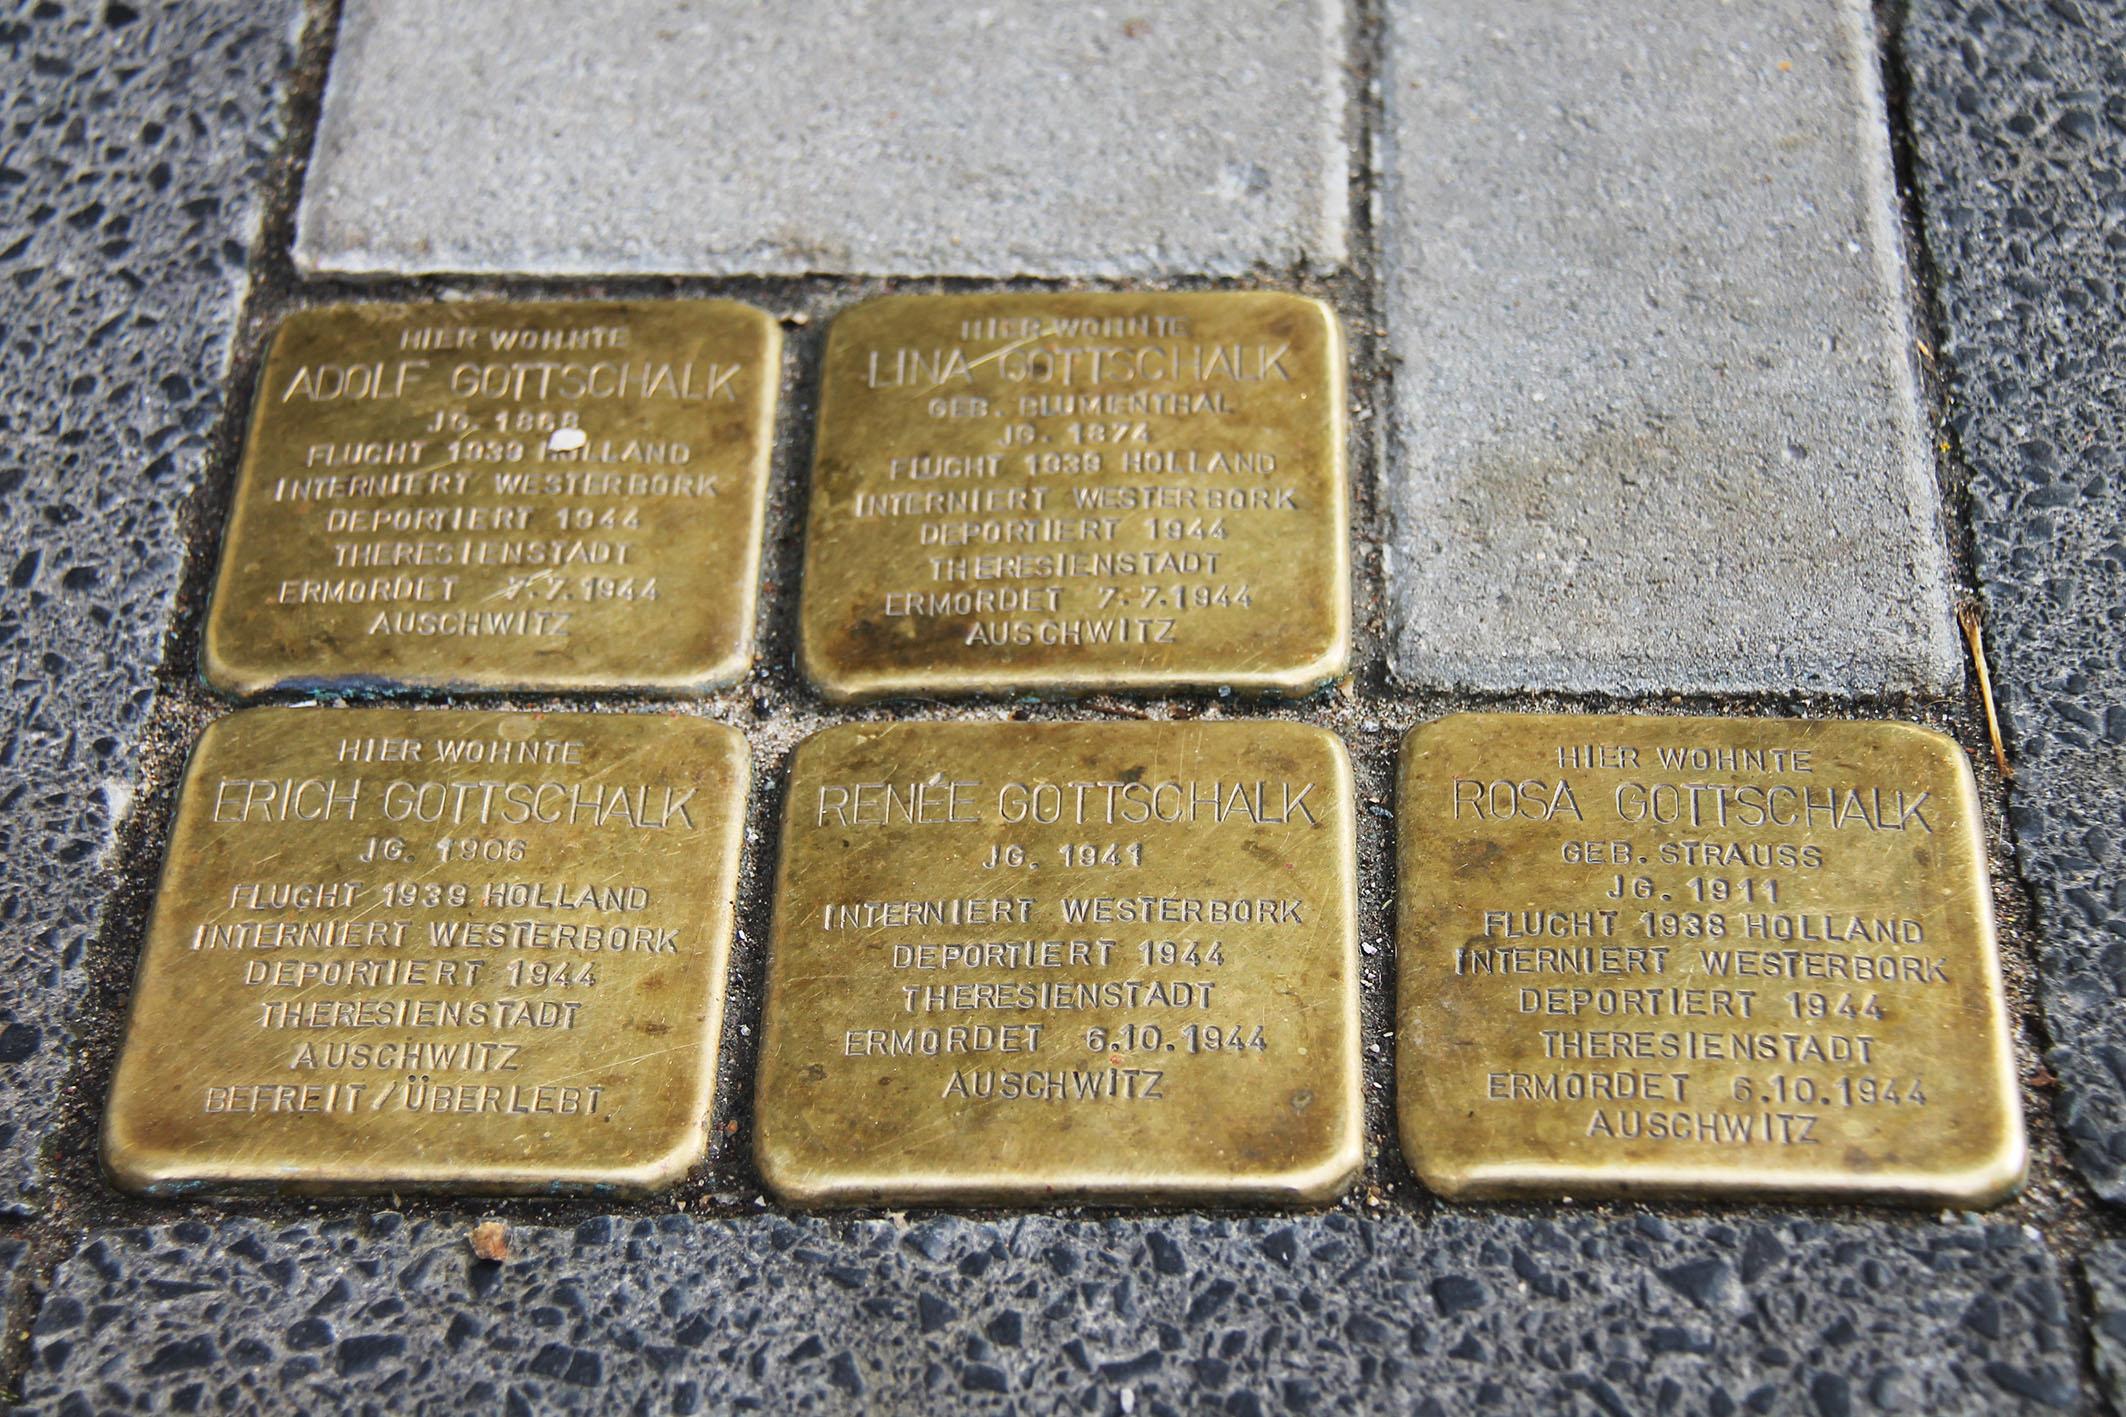 Neue Stolpersteine von Gunter Demnig in Bochum (Foto: xity)